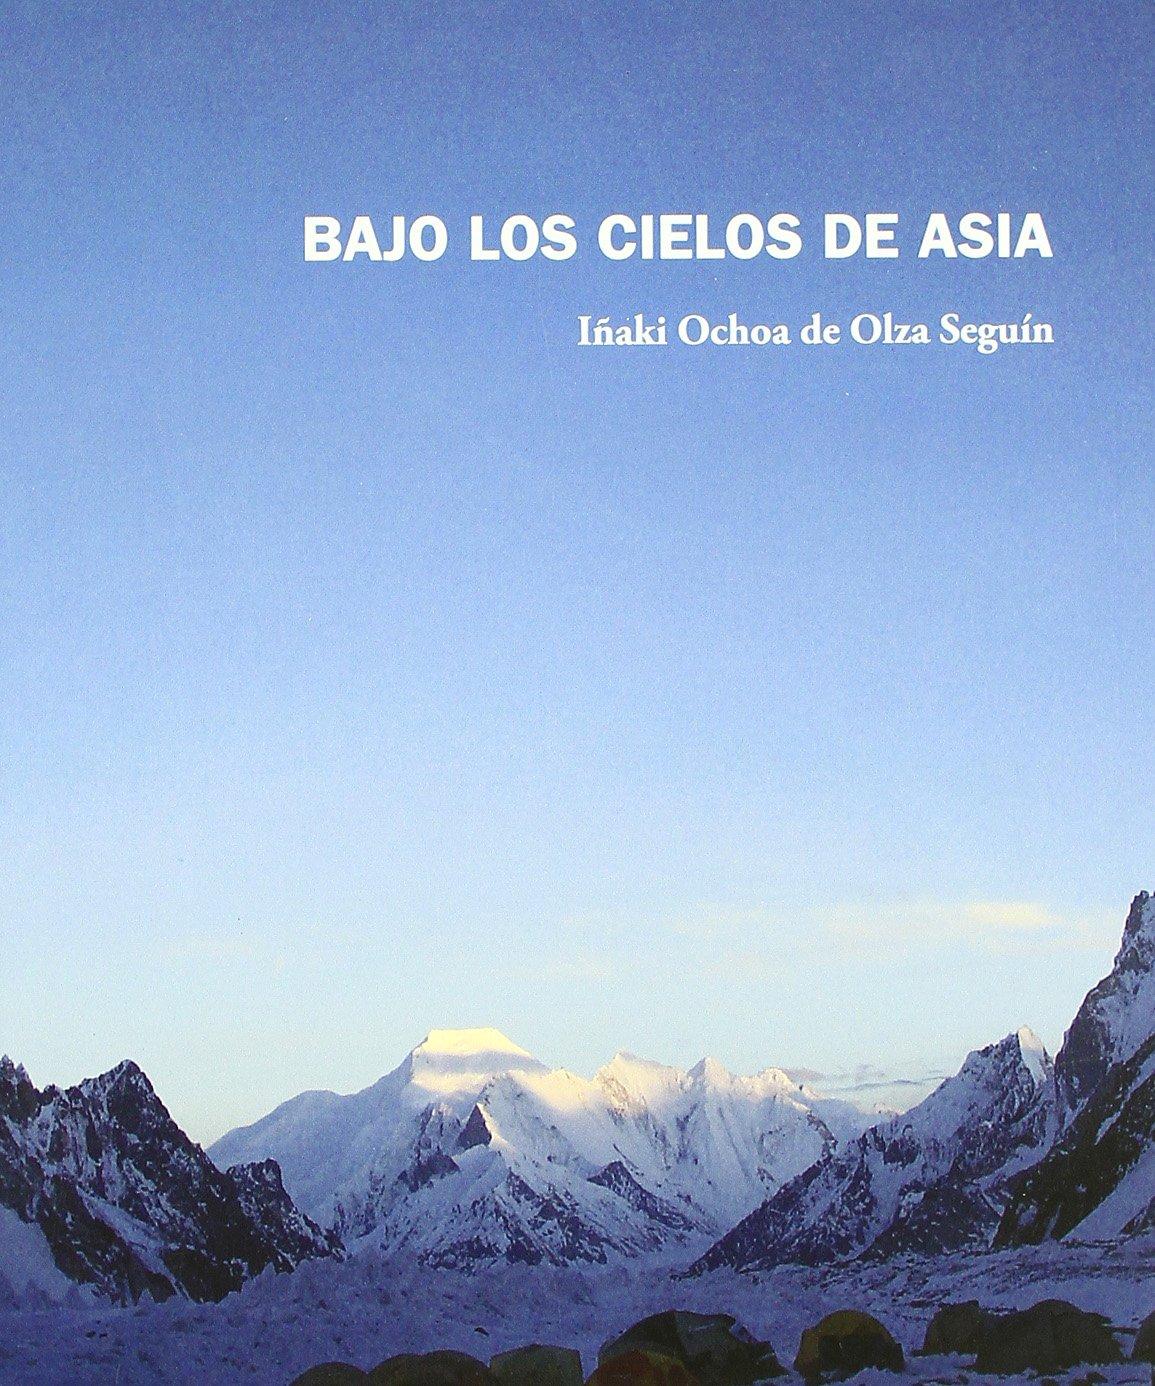 Bajo los cielos de Asia: Amazon.es: Ochoa De Olza, Iñaki: Libros